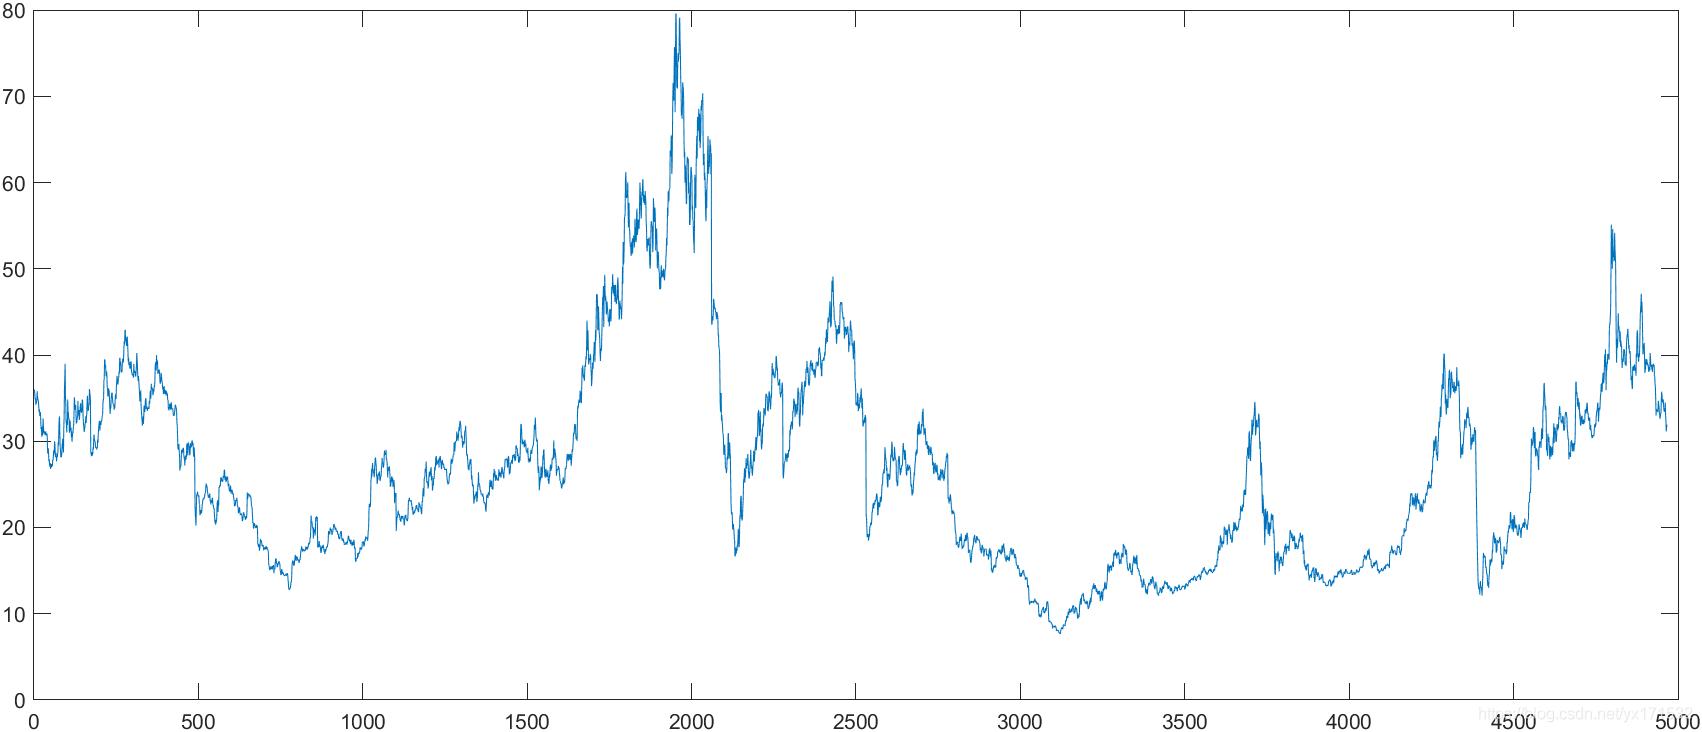 中兴通讯1999年9月13日到2020年11月14日的收盘价